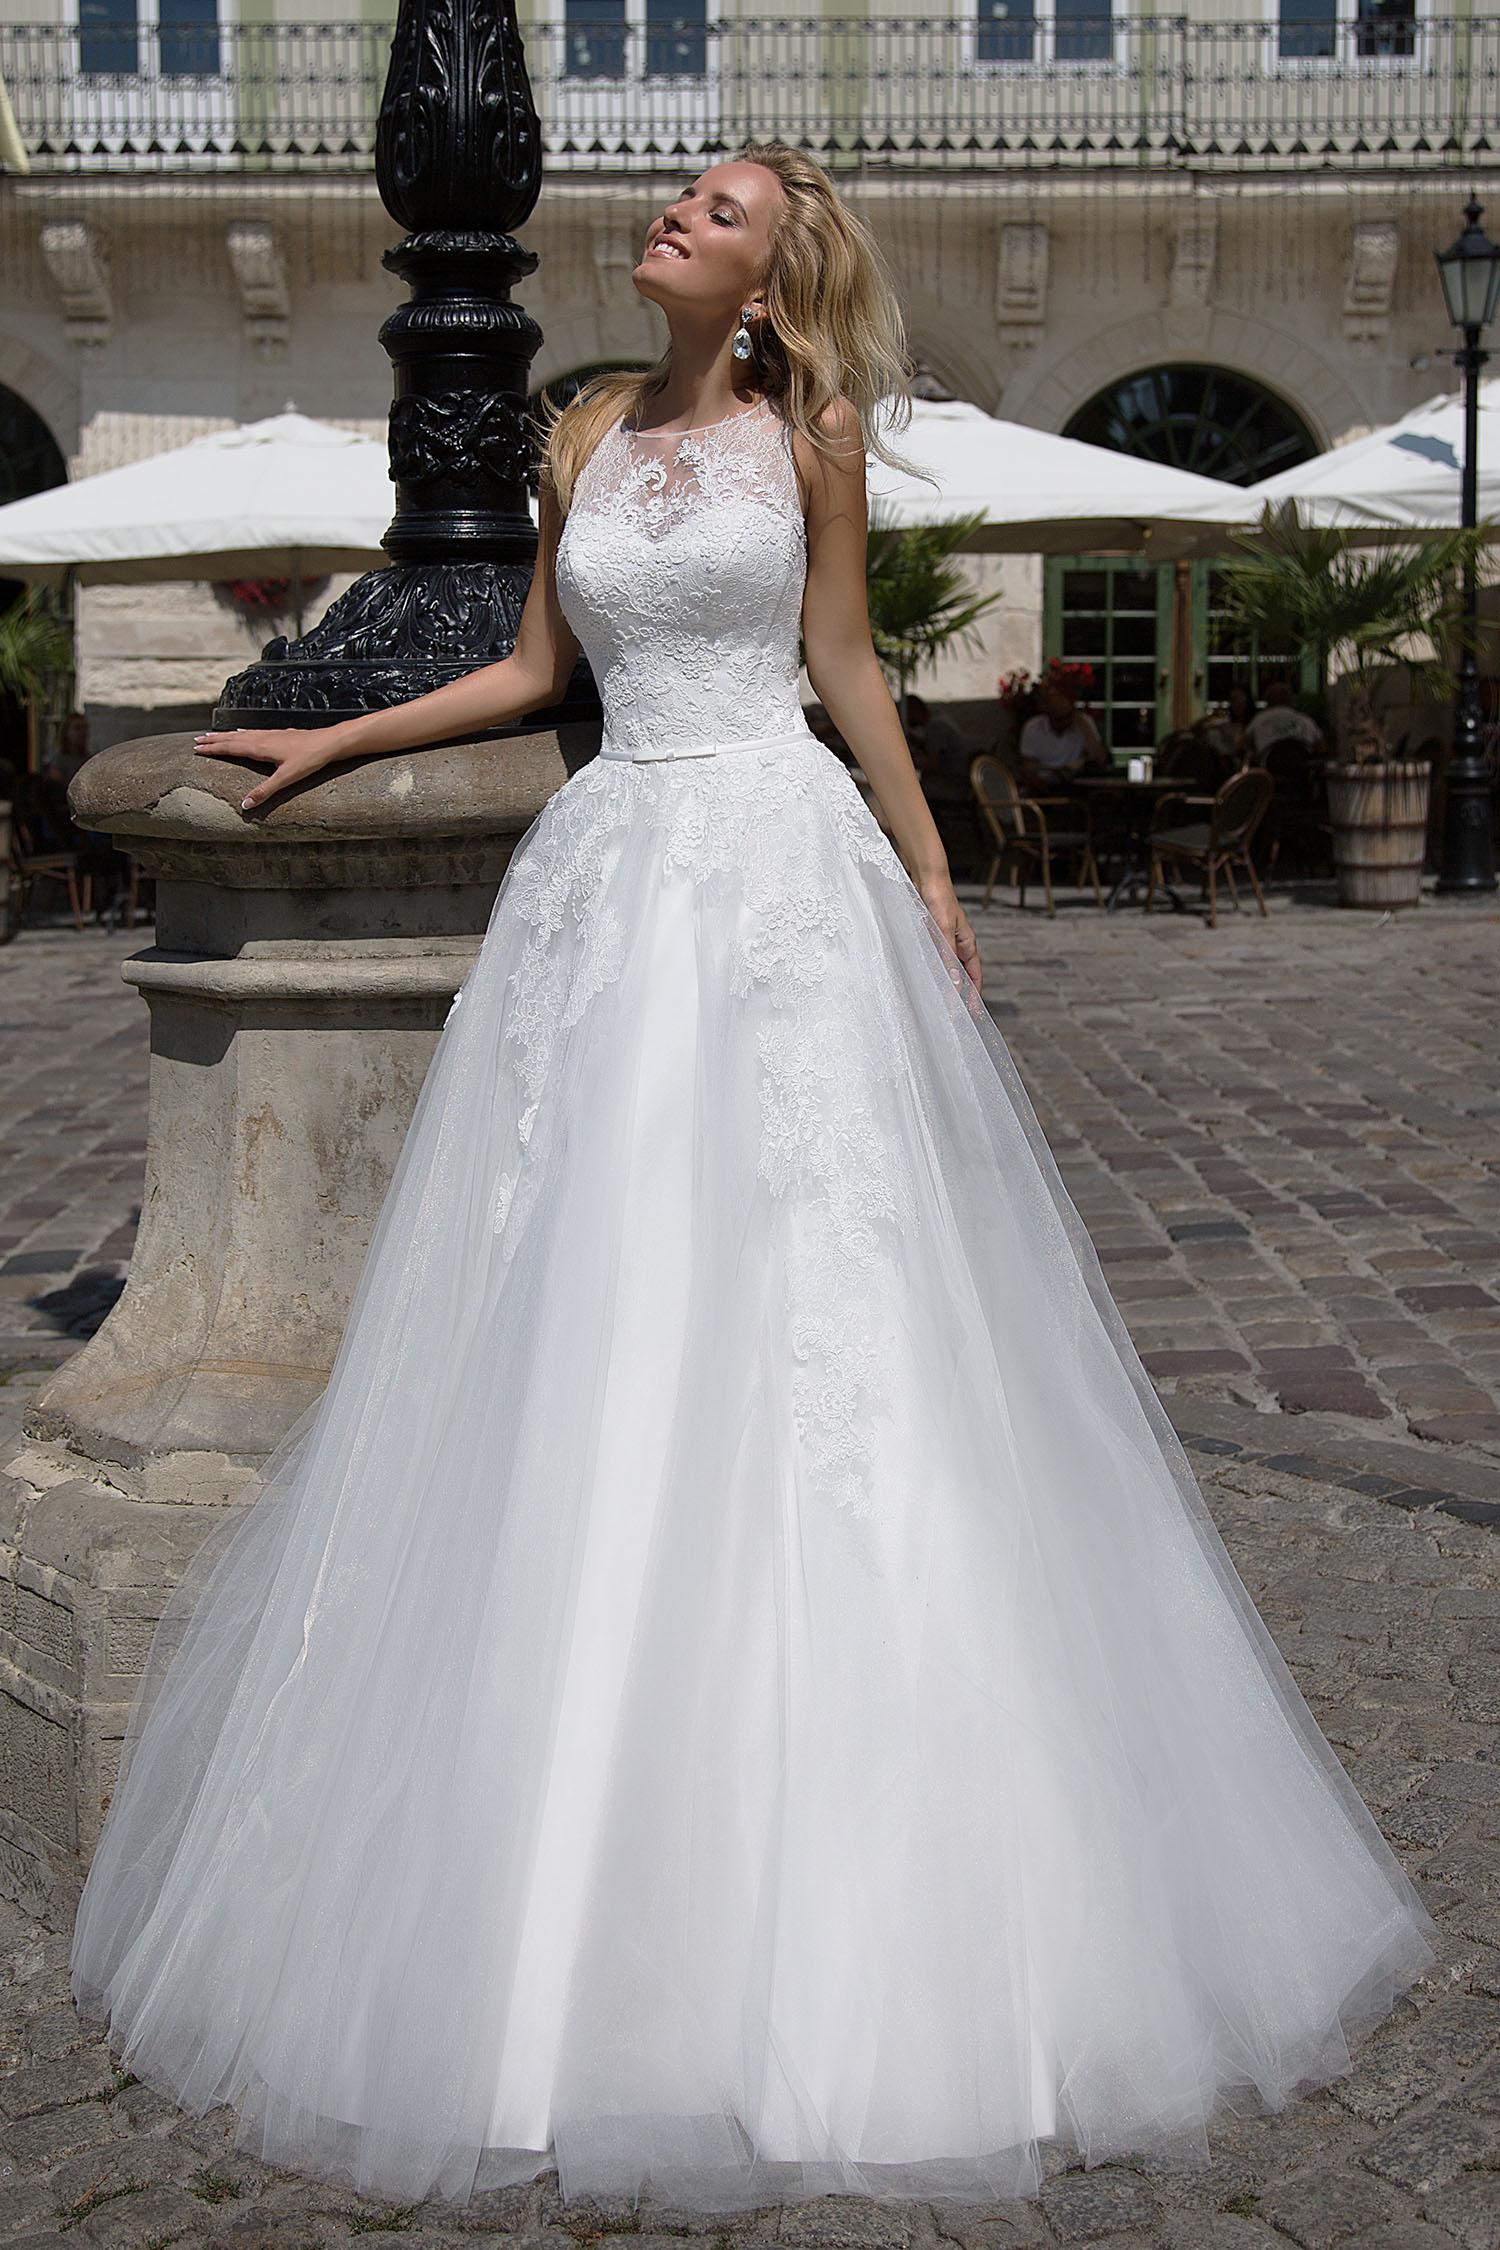 84ce97c4863dd8 La robe de mariée idéale pour une morphologie en 8